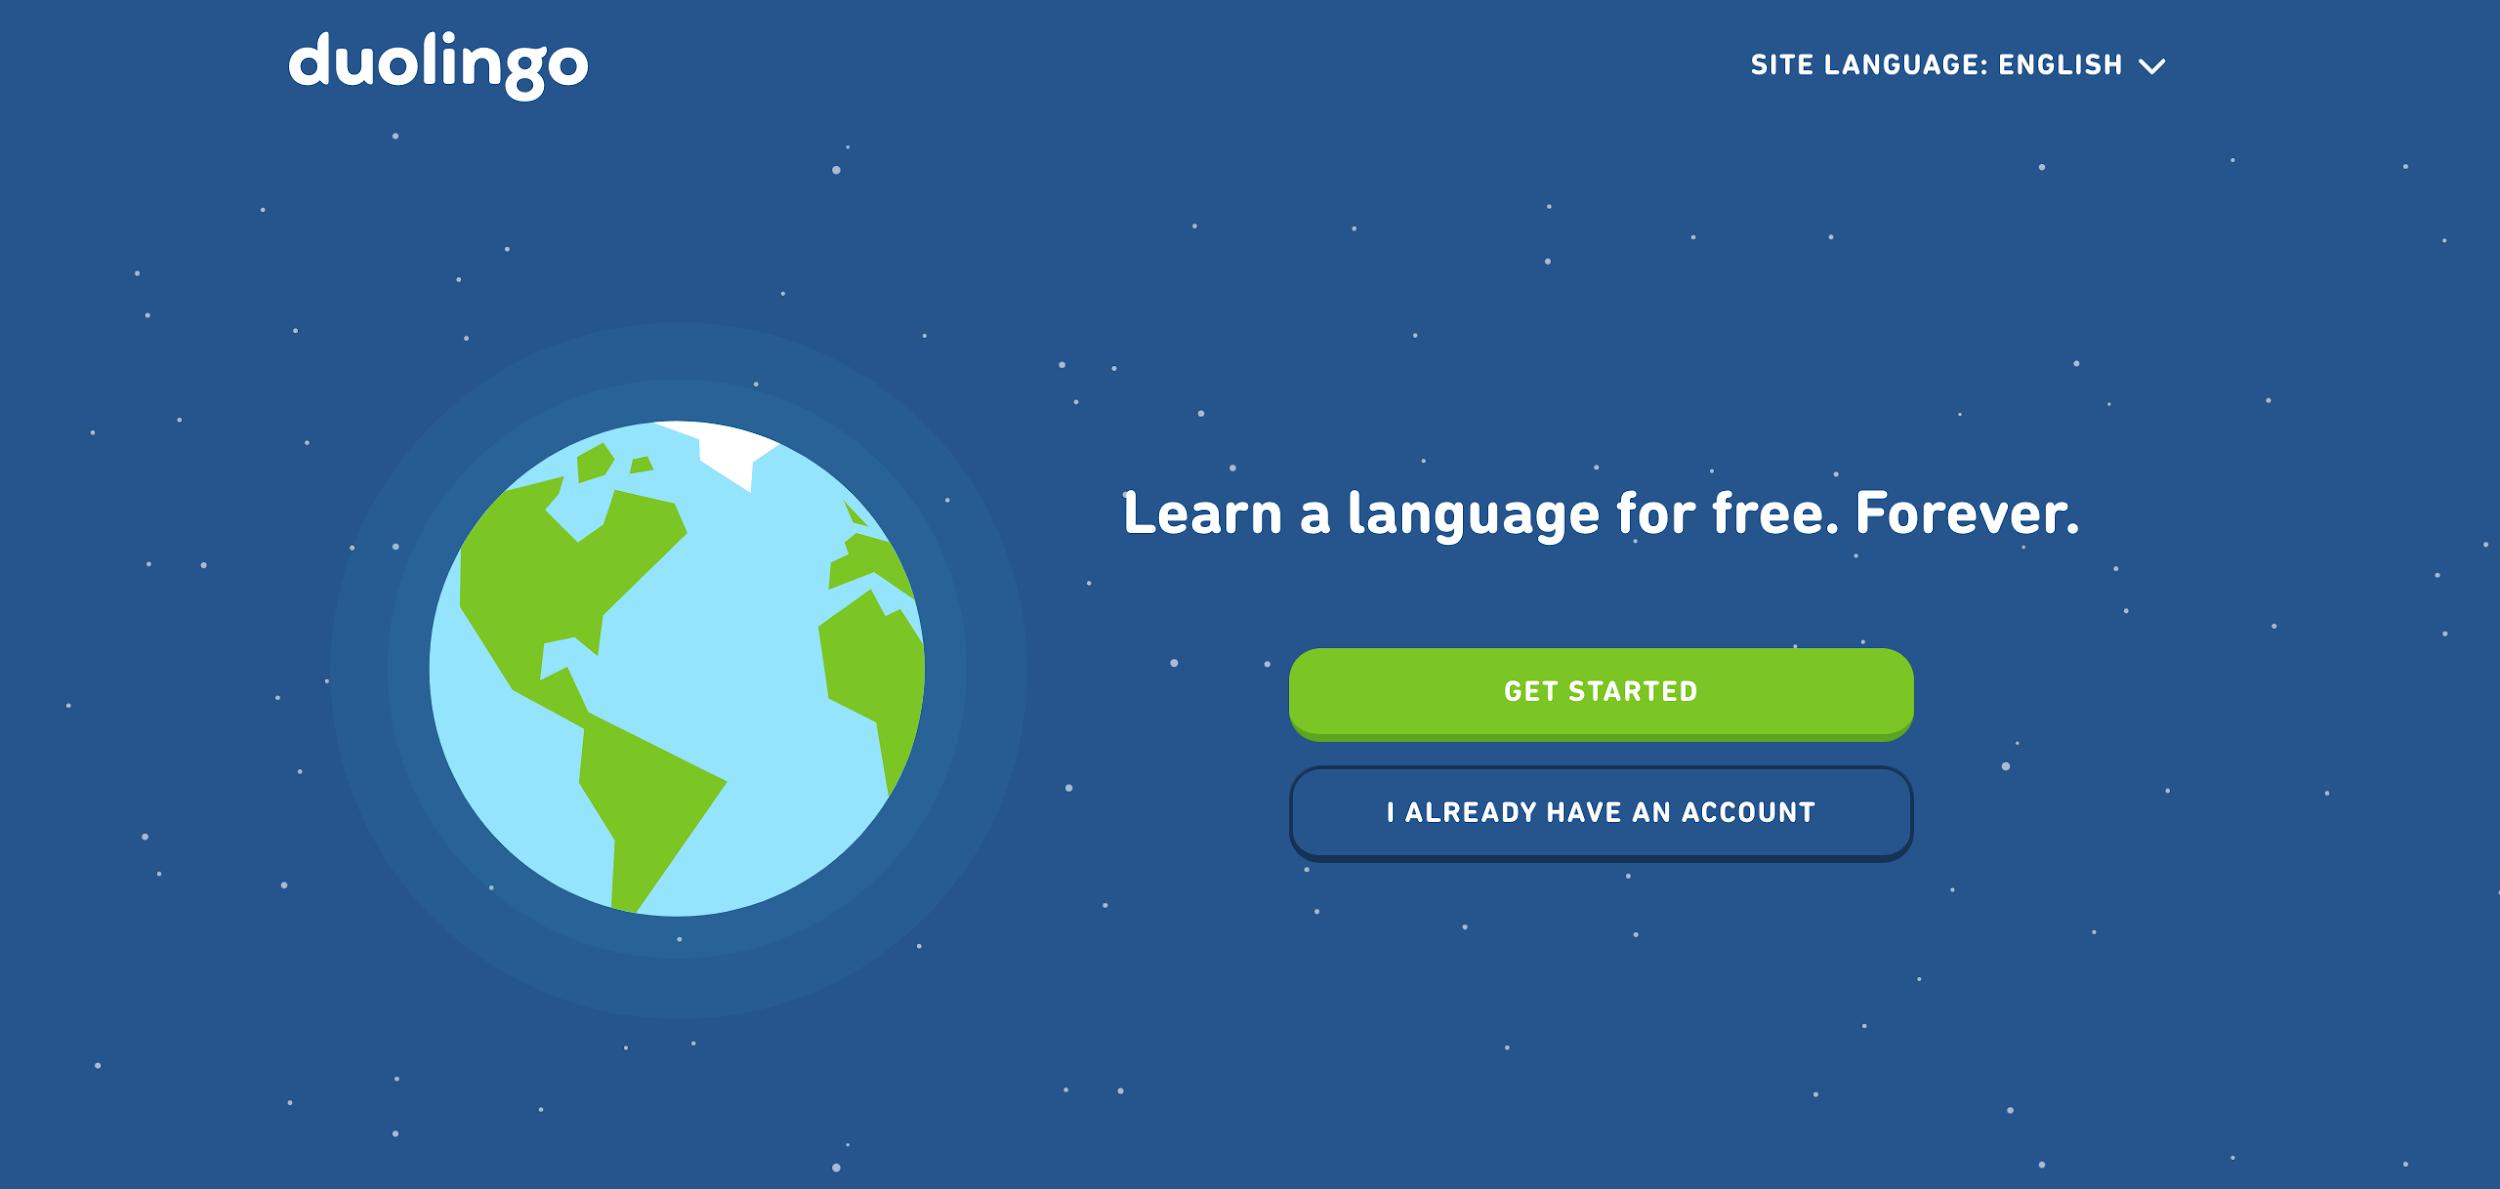 Duolingo Referral Program